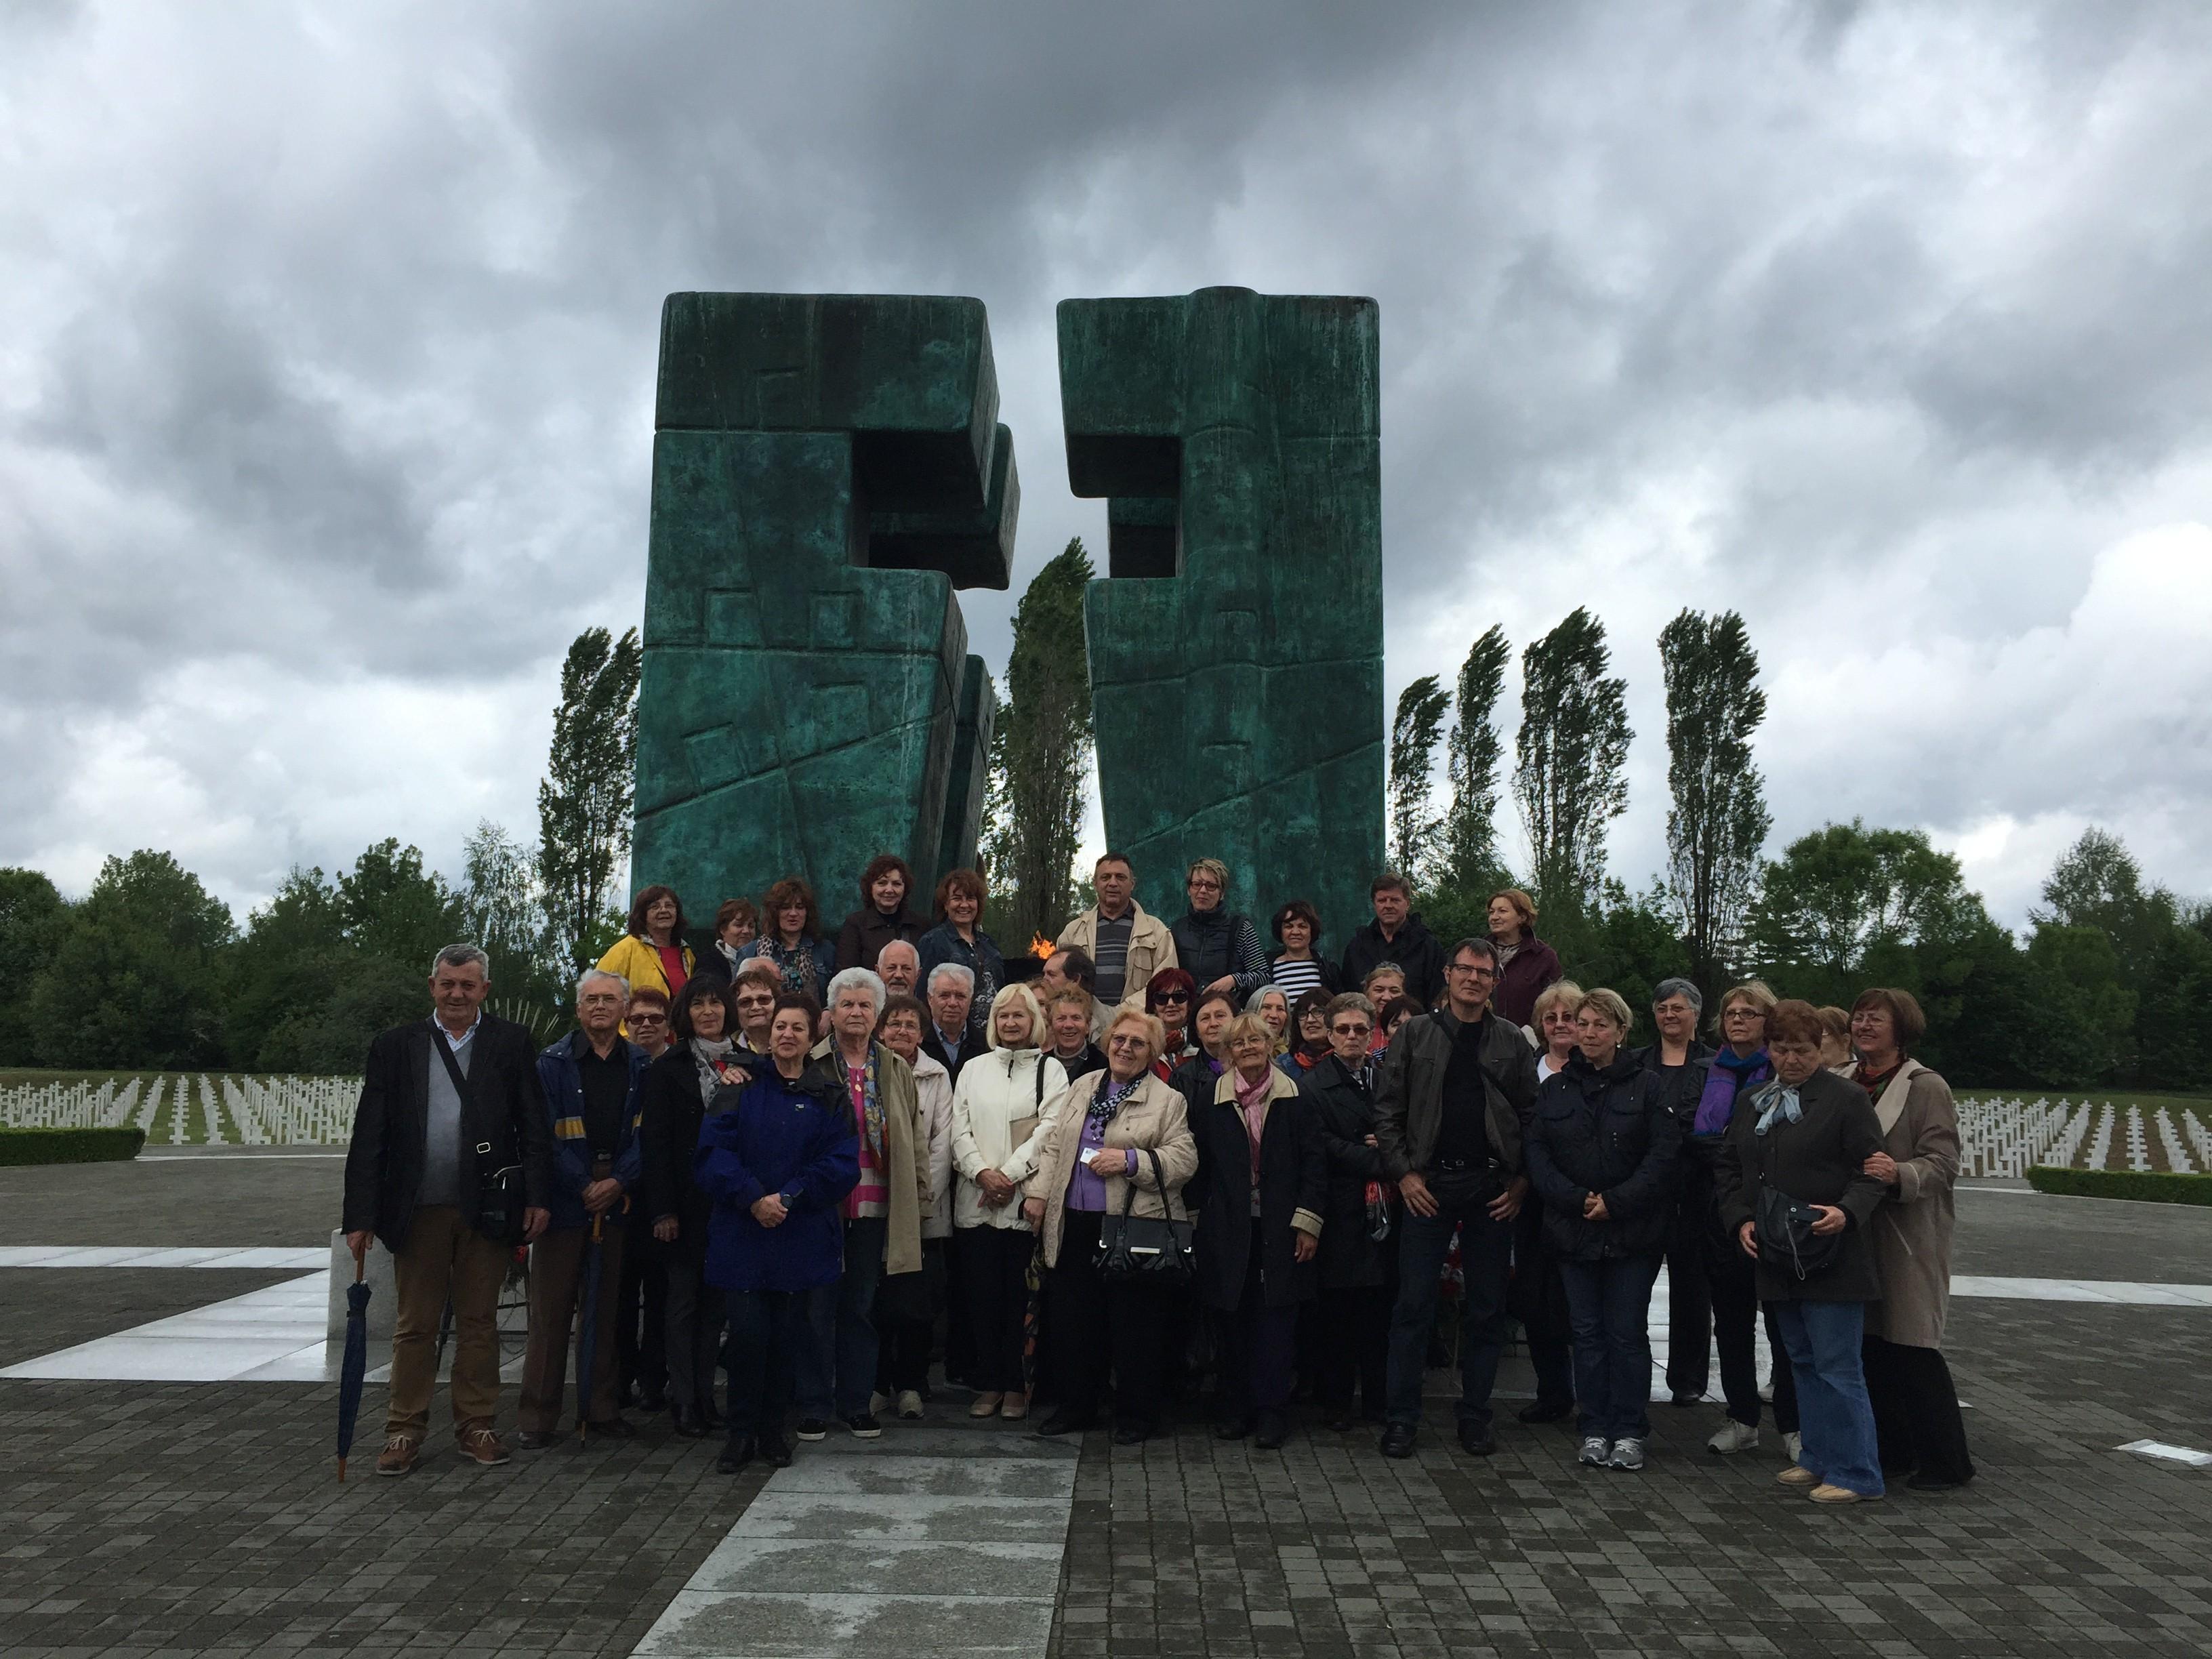 Župni zbor i župljani fažanske župe sv. Kuzme i Damjana hodočastili su 2.i 3. svibnja u Vukovar i Đakovo